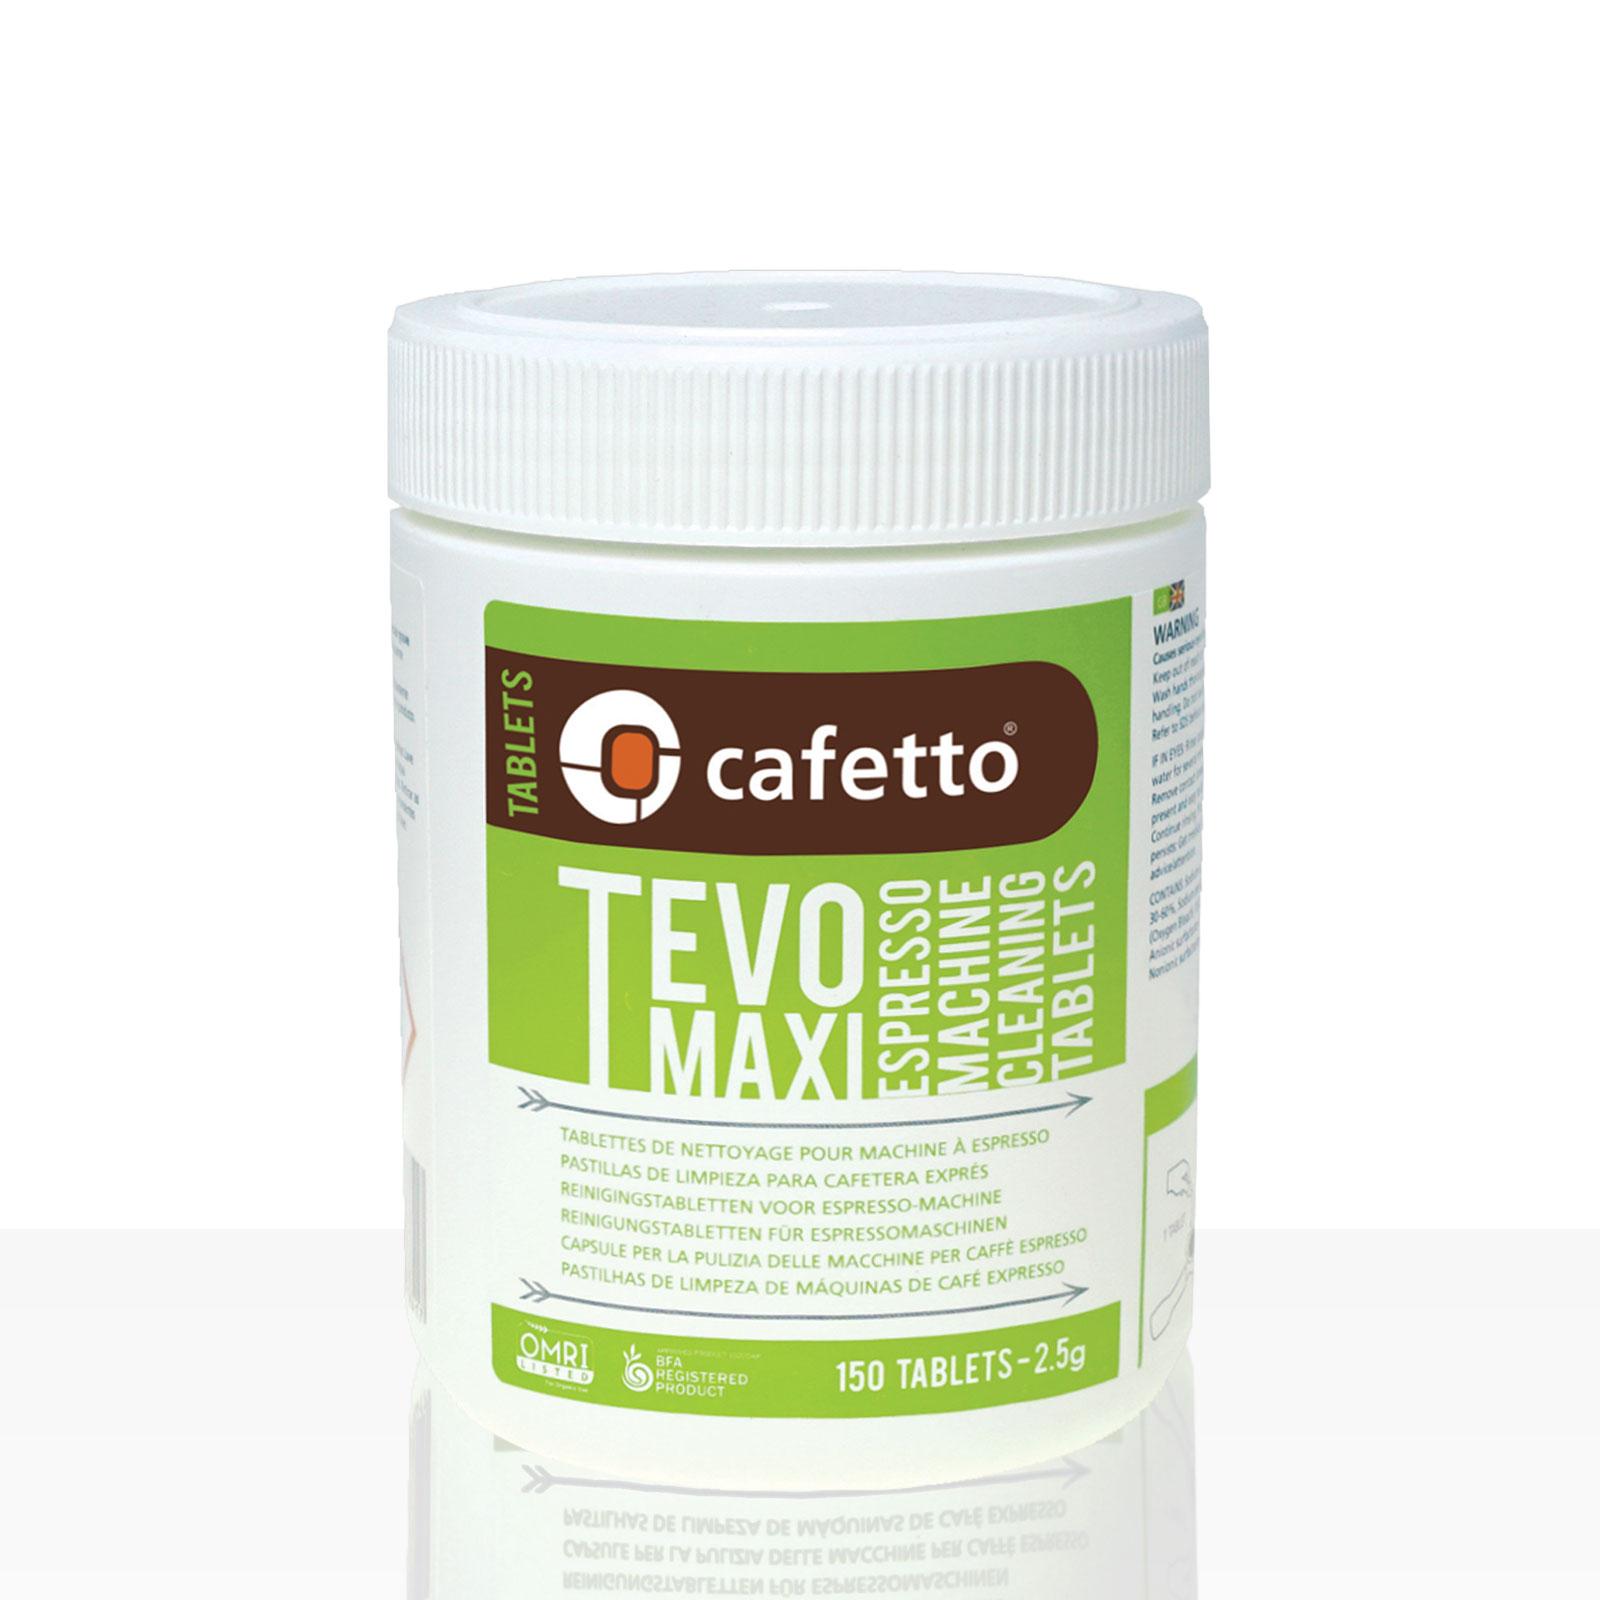 Cafetto Tevo Maxi Reinigungstabletten für Espressomaschinen 150 x 2,5g, biologisch abbaubar